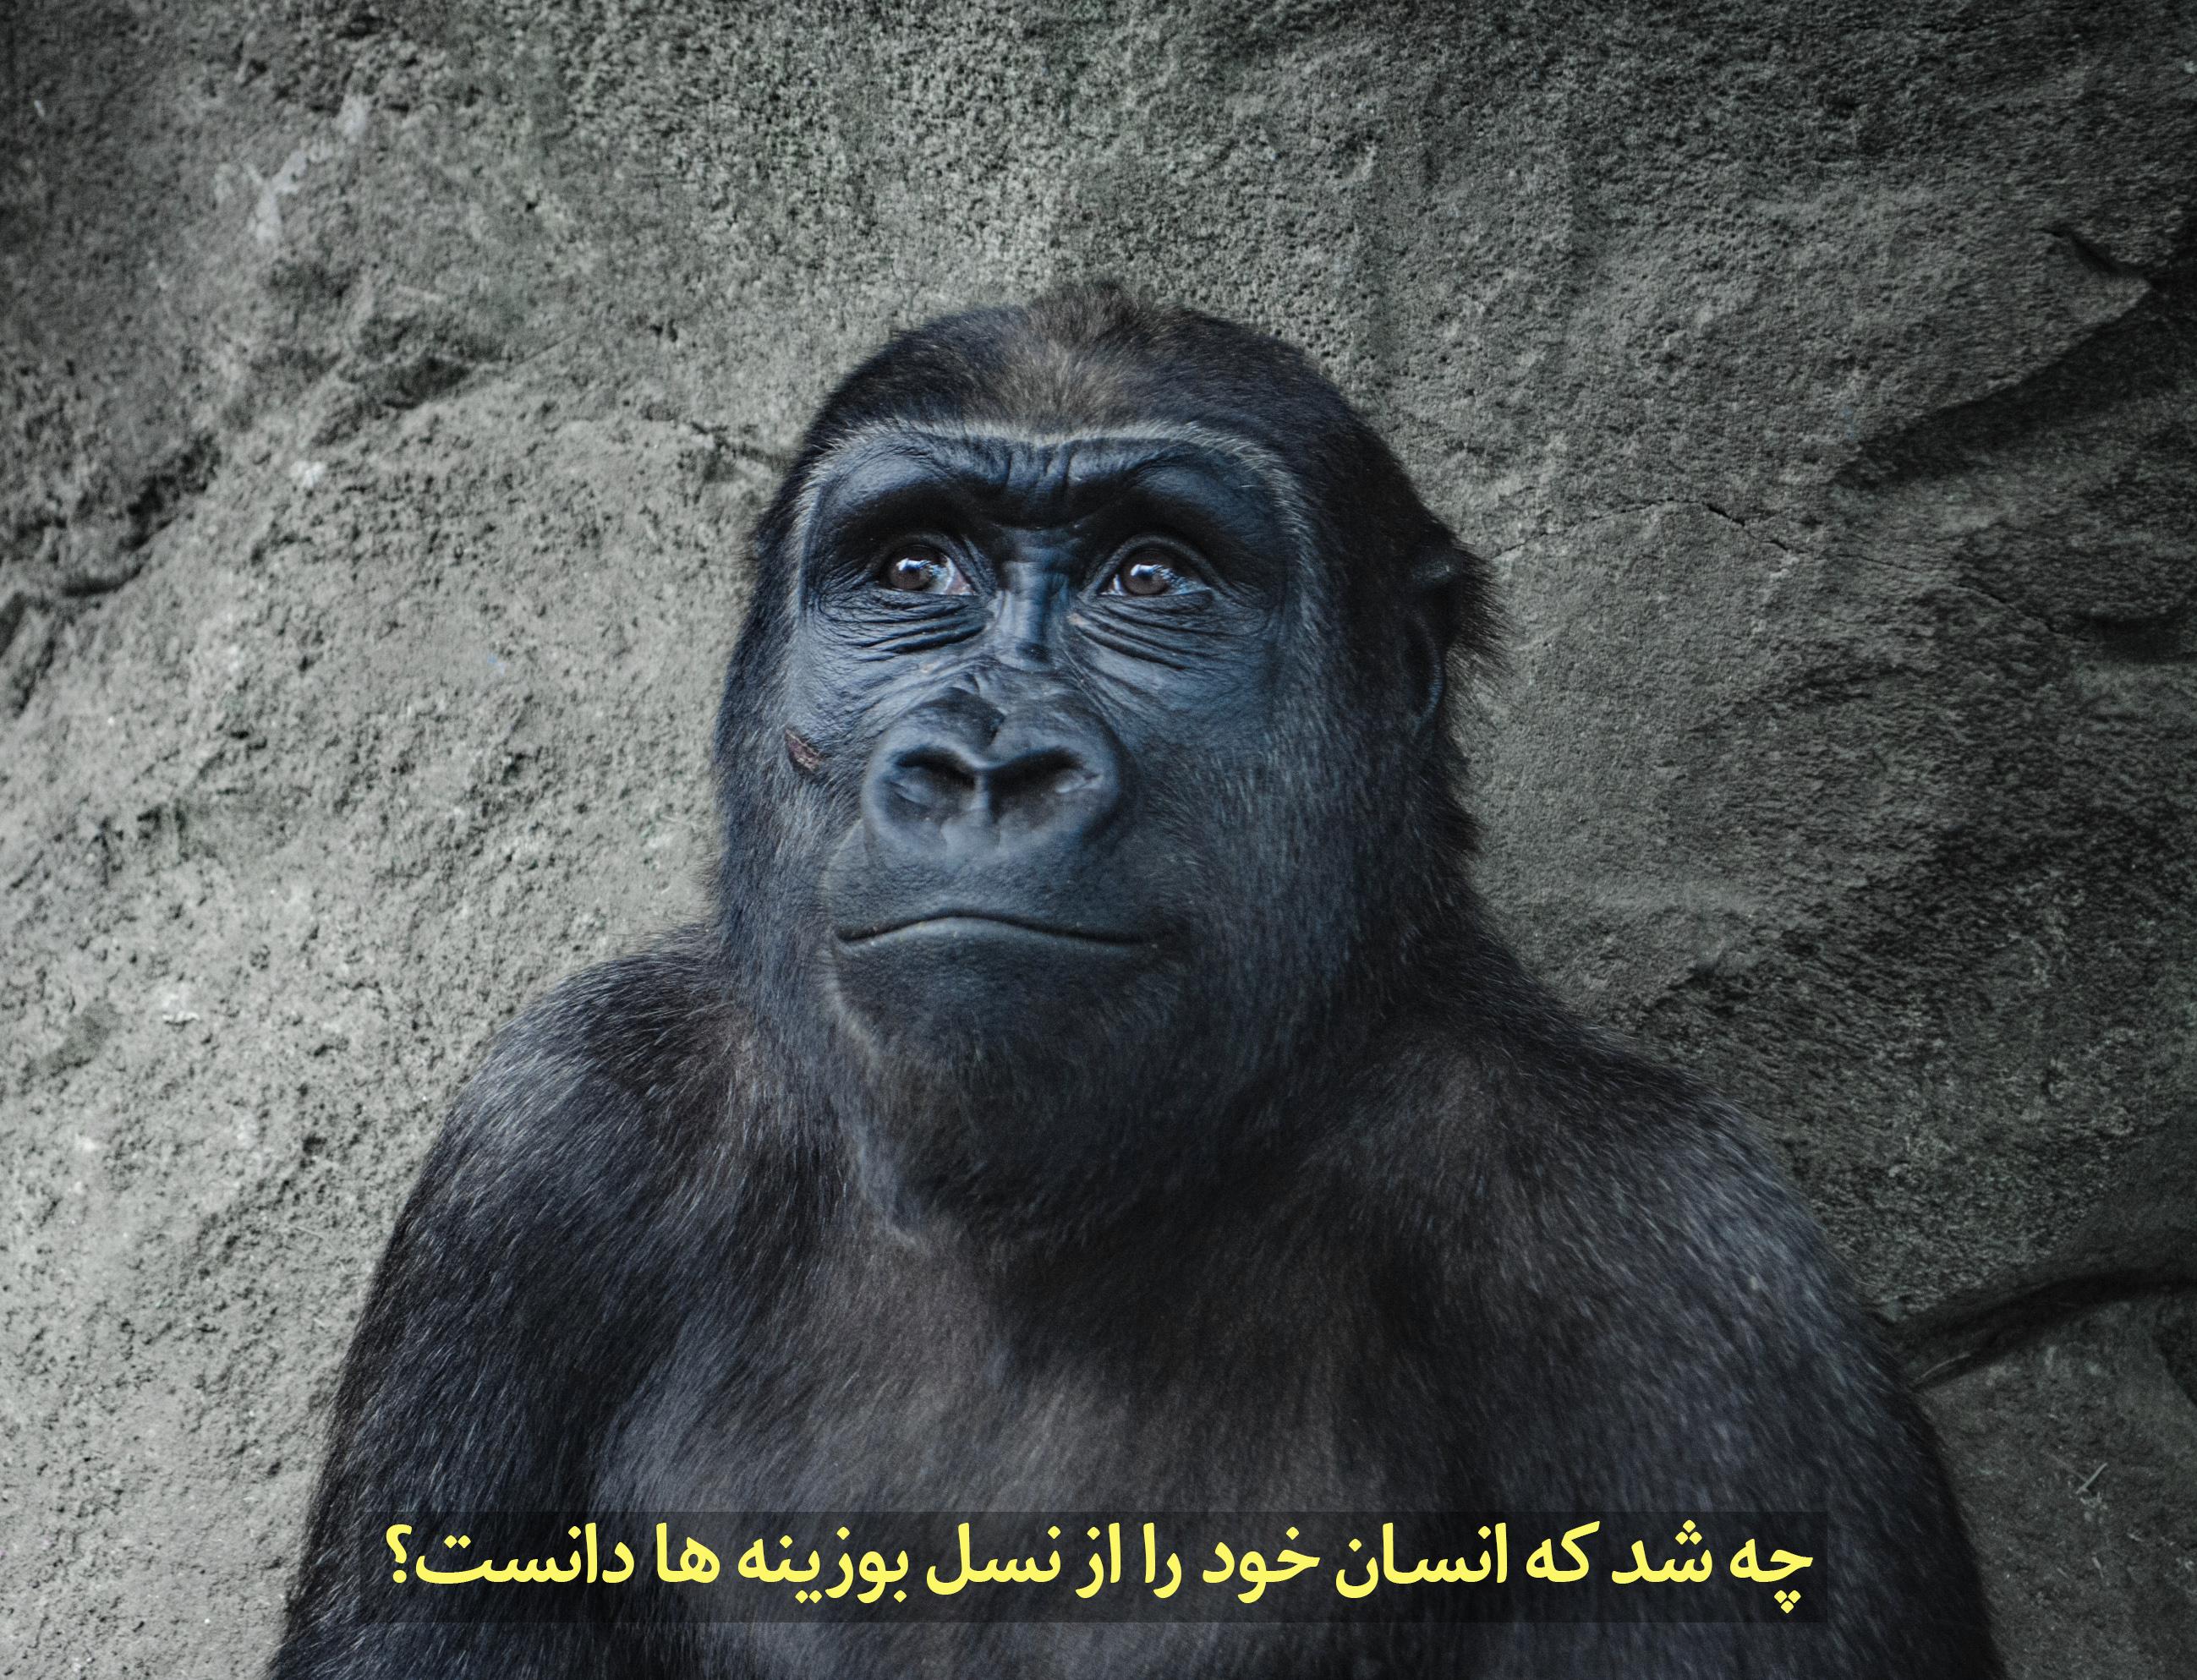 چه شد که انسان خود را از نسل میمون دانست؟